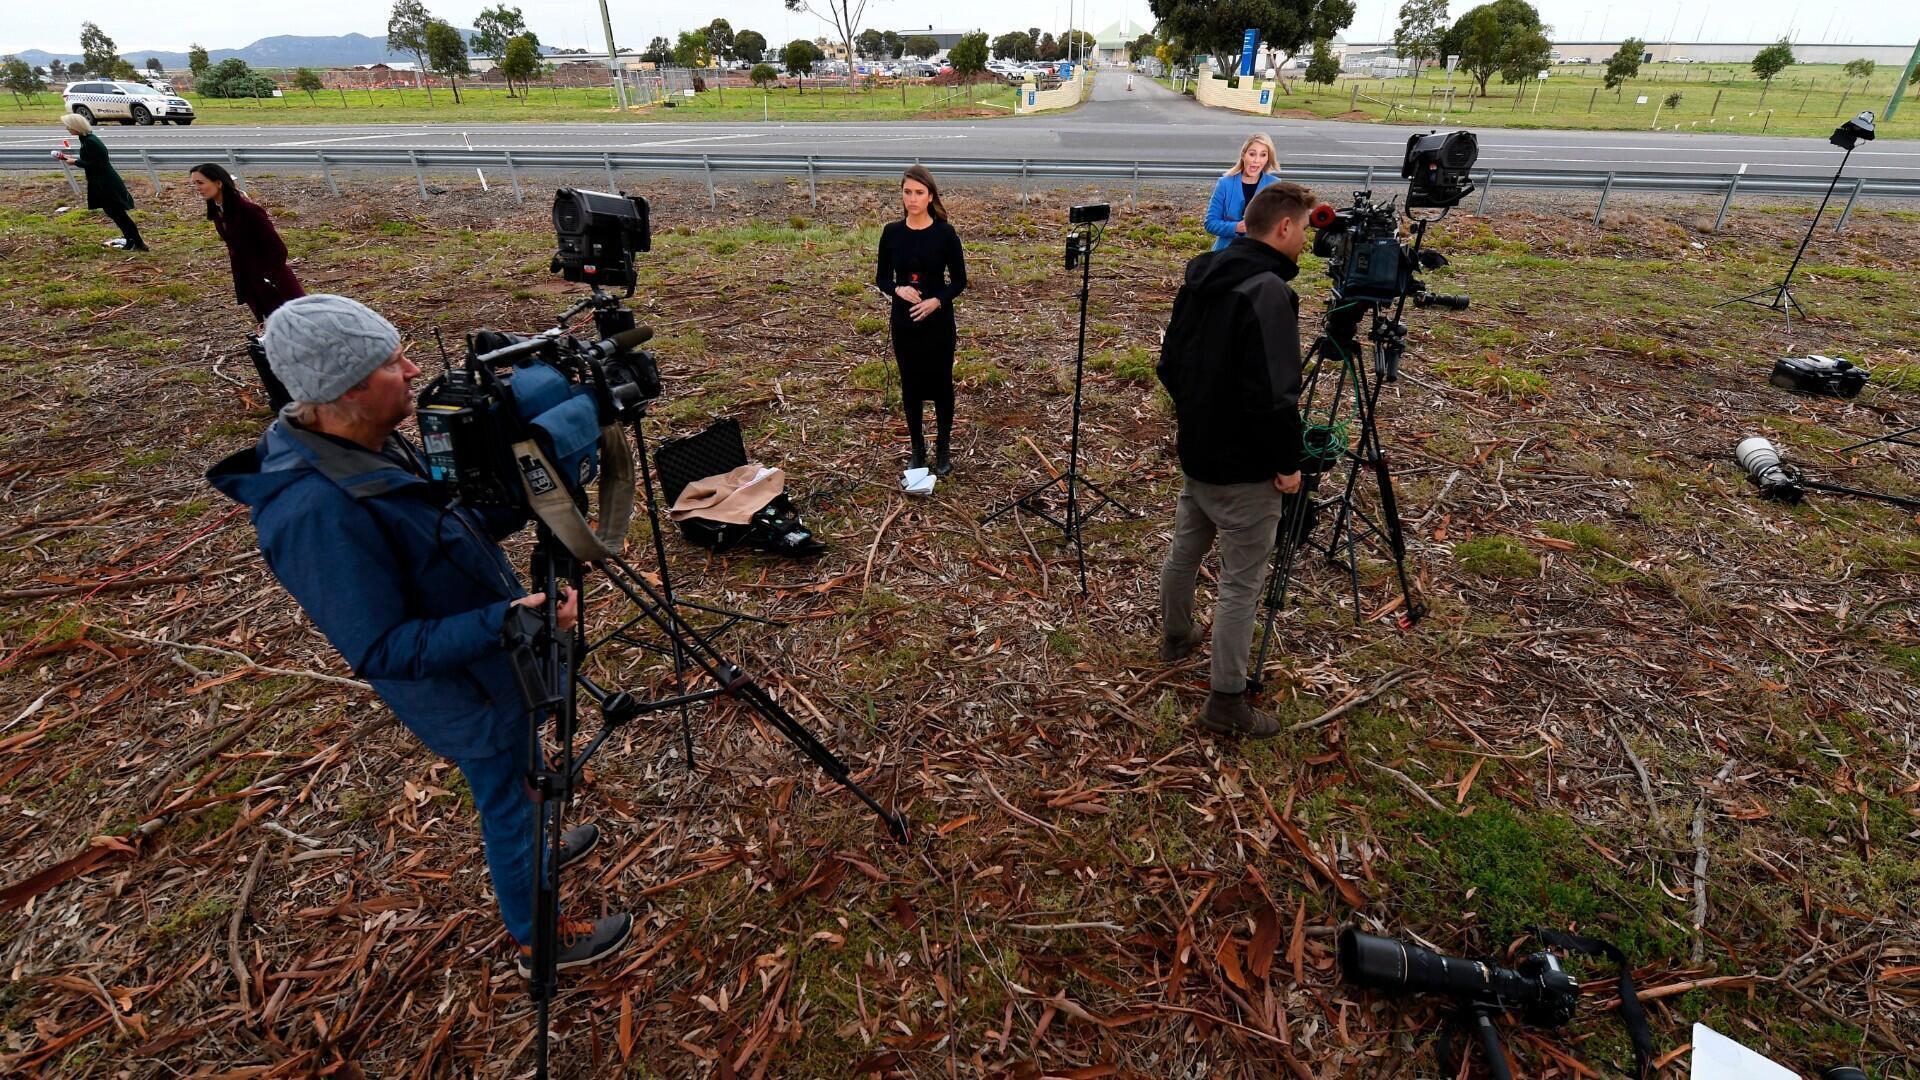 Miembros de los medios de comunicación se reúnen fuera de la prisión de HM Barwon, donde se encuentra el cardenal George Pell, en Anakie, Victoria, Australia, el 7 de abril de 2020. El cardenal George Pell será liberado de prisión después de su condena por cinco cargos de abuso sexual infantil histórico. revocado por el Tribunal Superior de Australia.